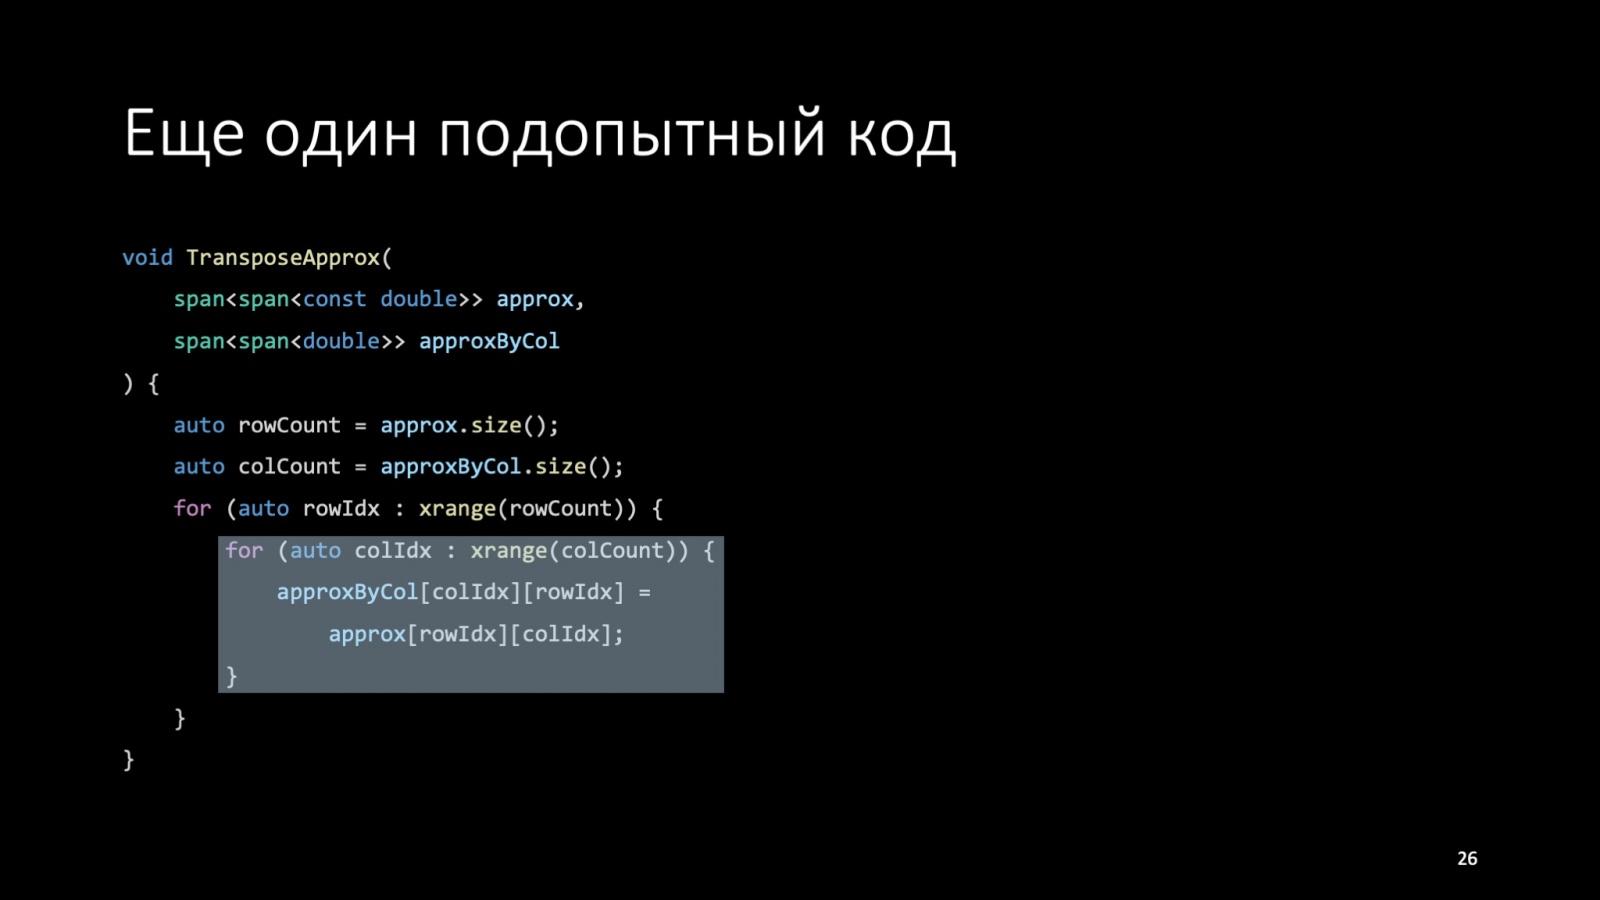 Оптимизация C++: совмещаем скорость и высокий уровень. Доклад Яндекса - 26